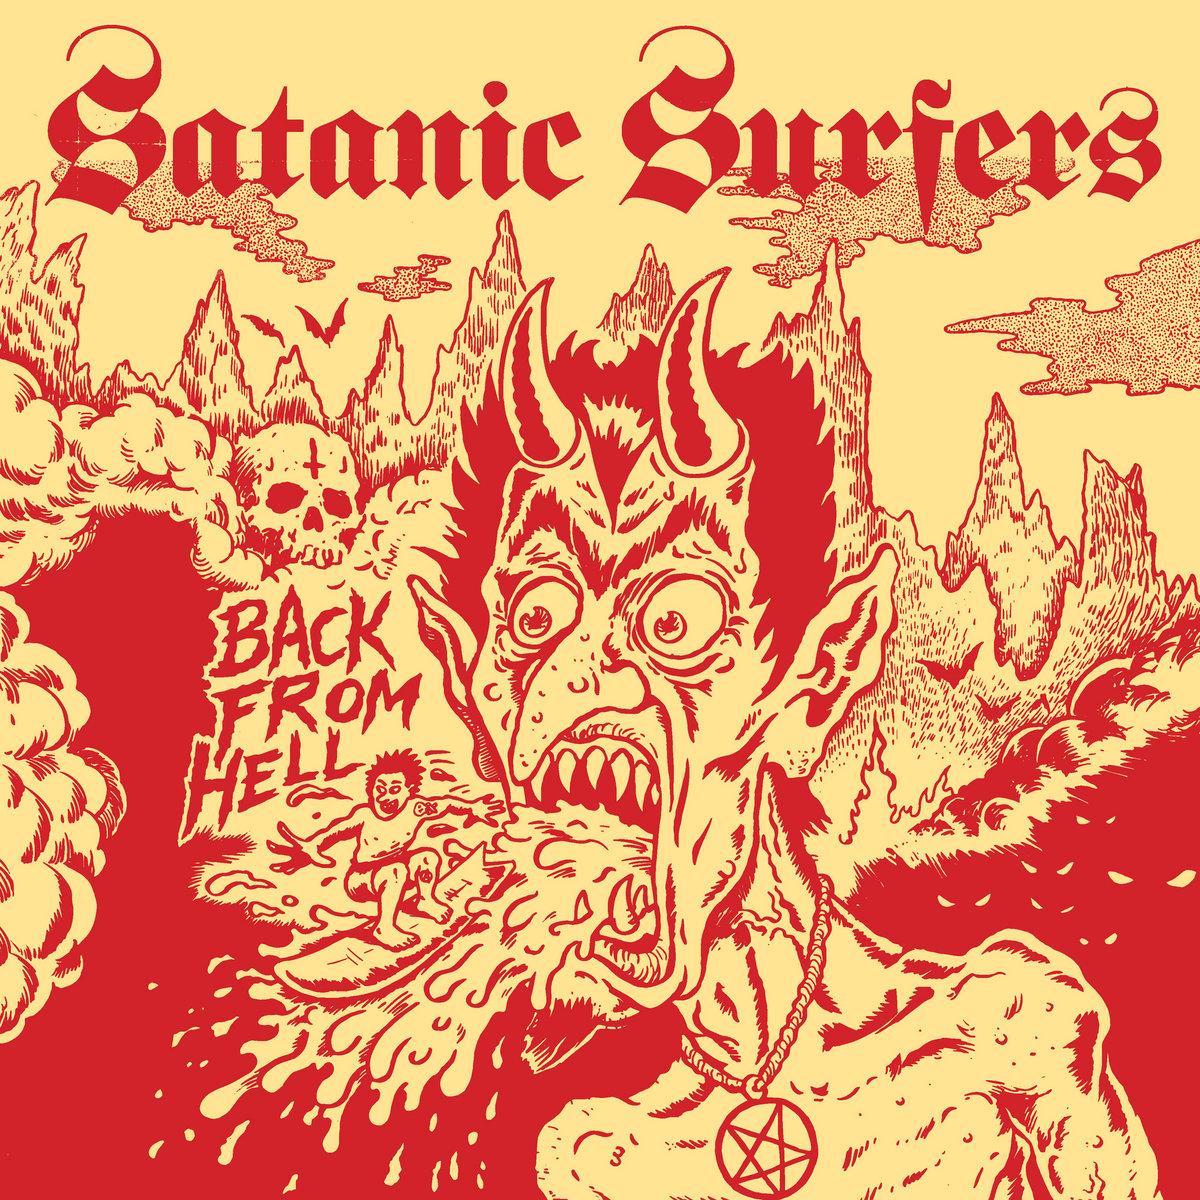 Résultats de recherche d'images pour «satanic surfers back from hell»